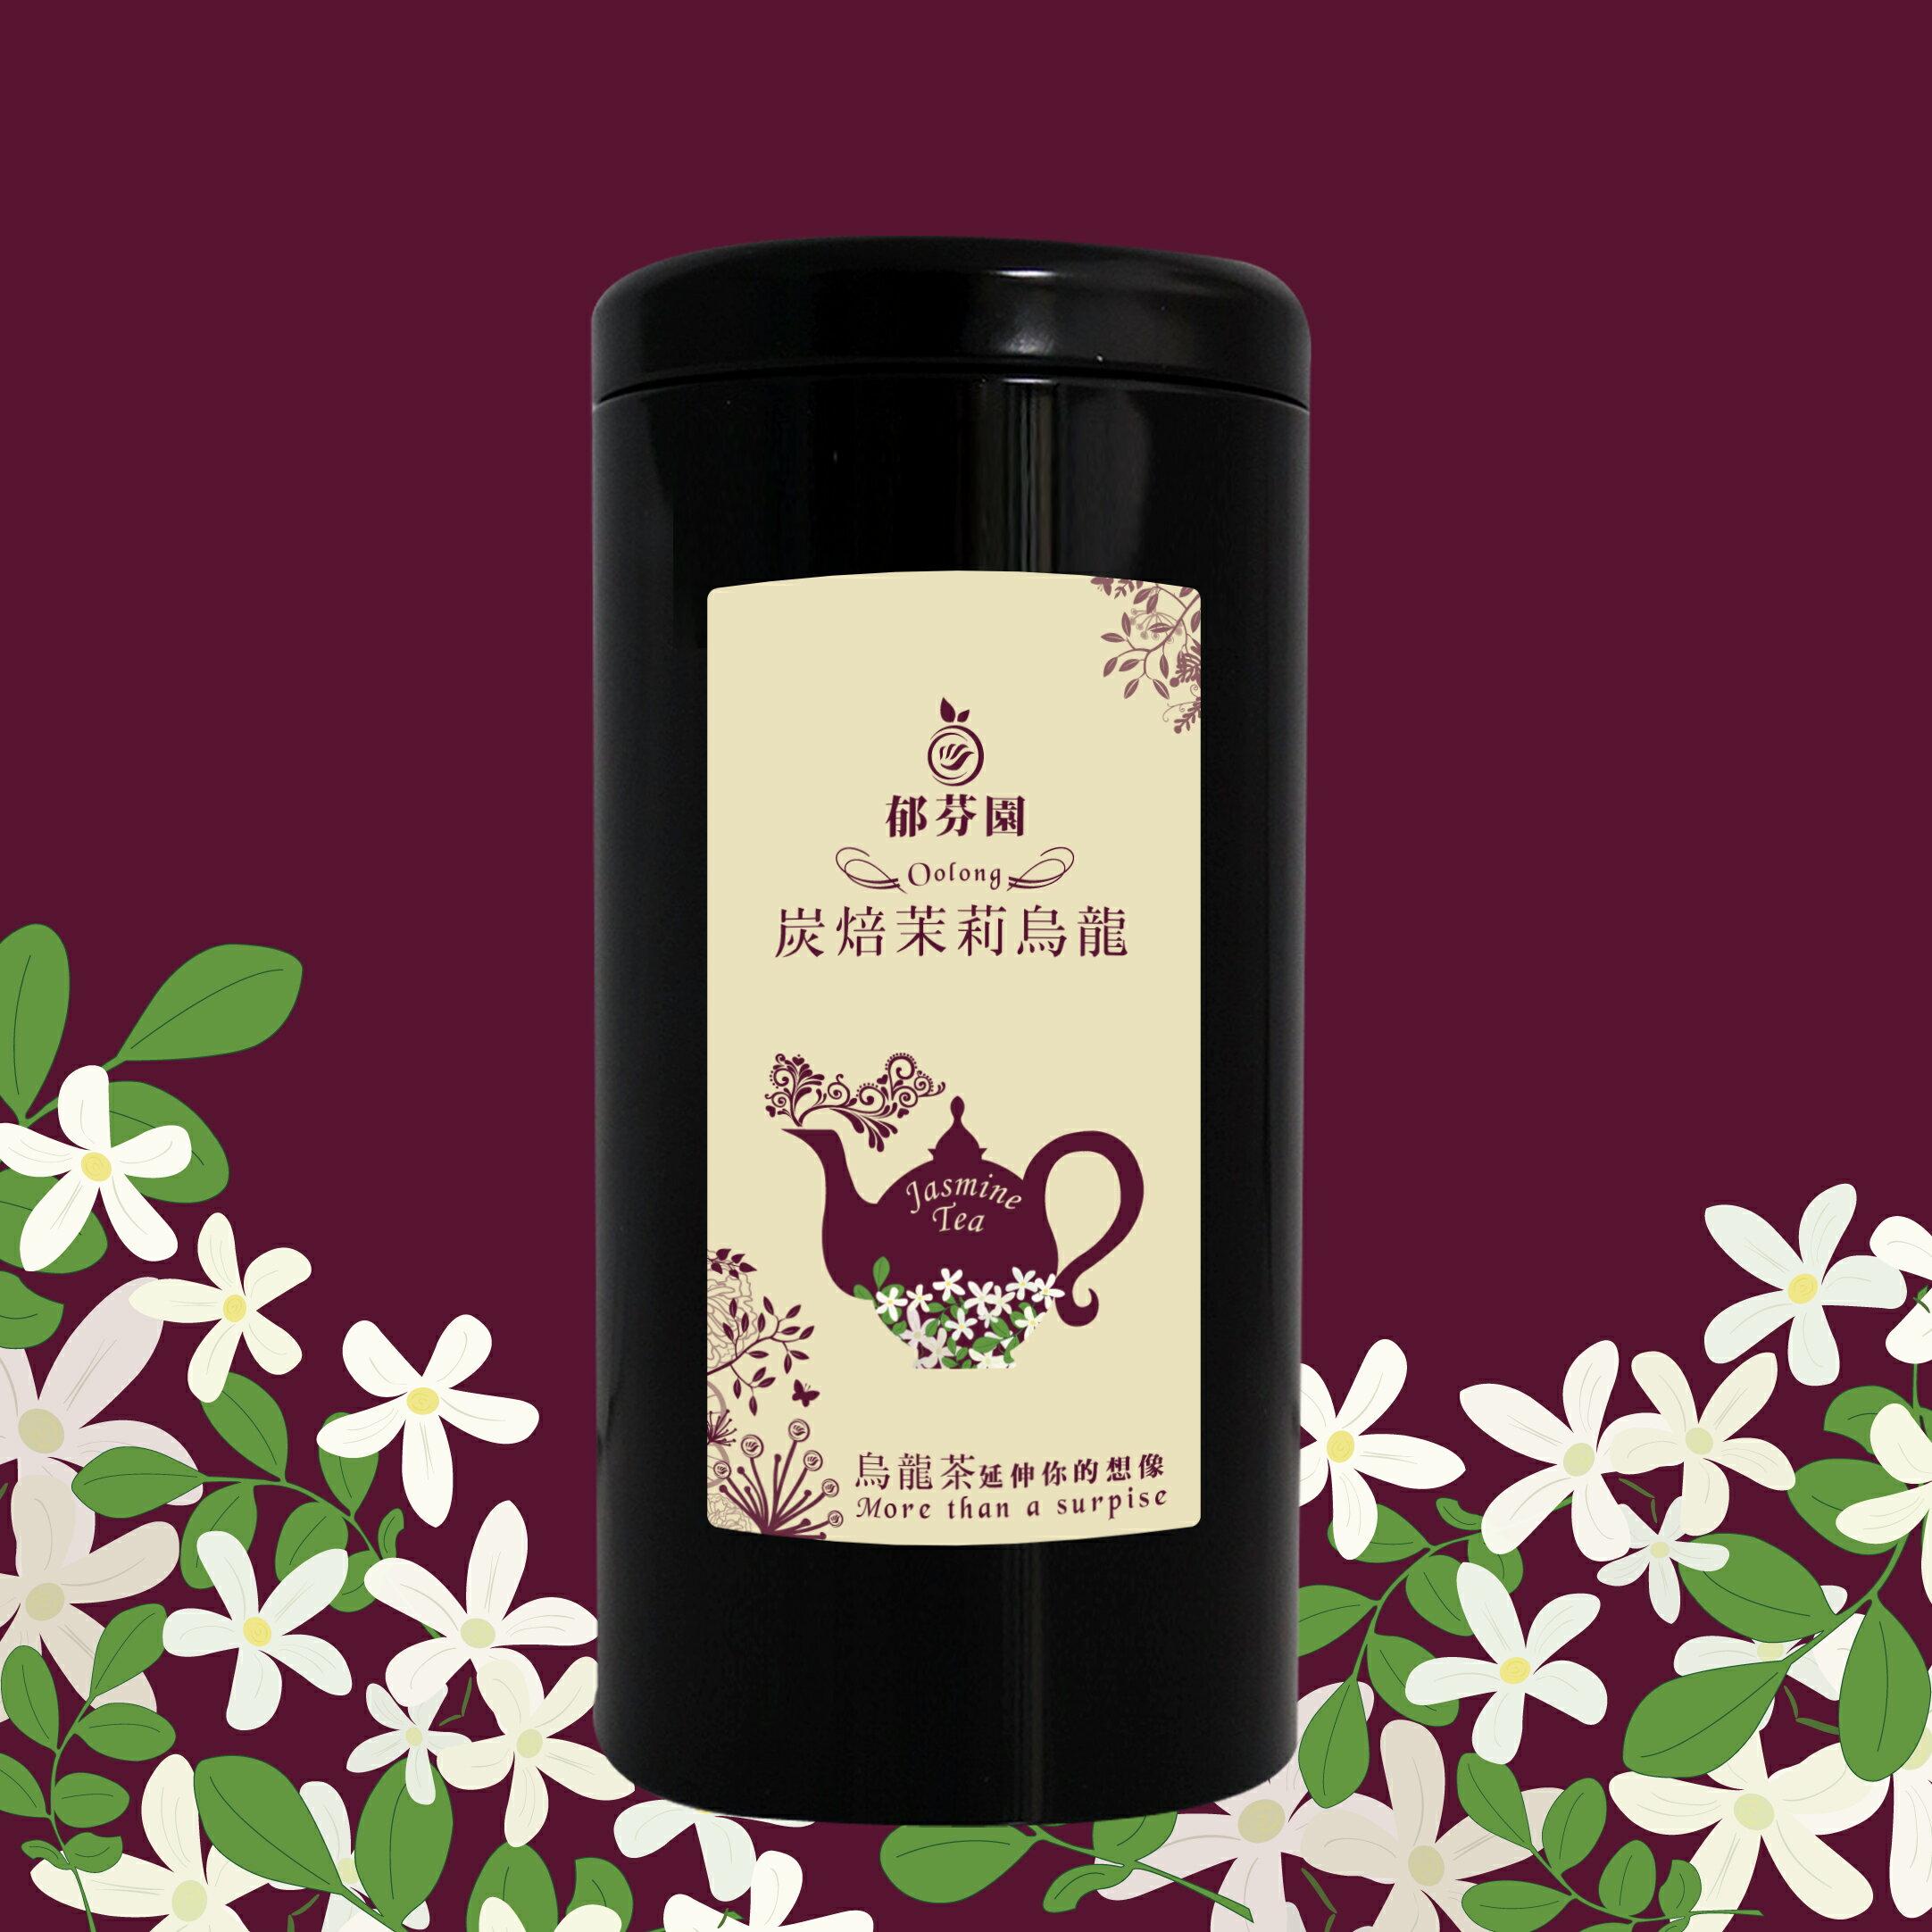 炭焙茉莉烏龍 100g/罐 Jasmine Oolong Tea ----- ★歐式烏龍茶/英式烏龍茶/歐式下午茶/英式下午茶/茉莉茶/花茶